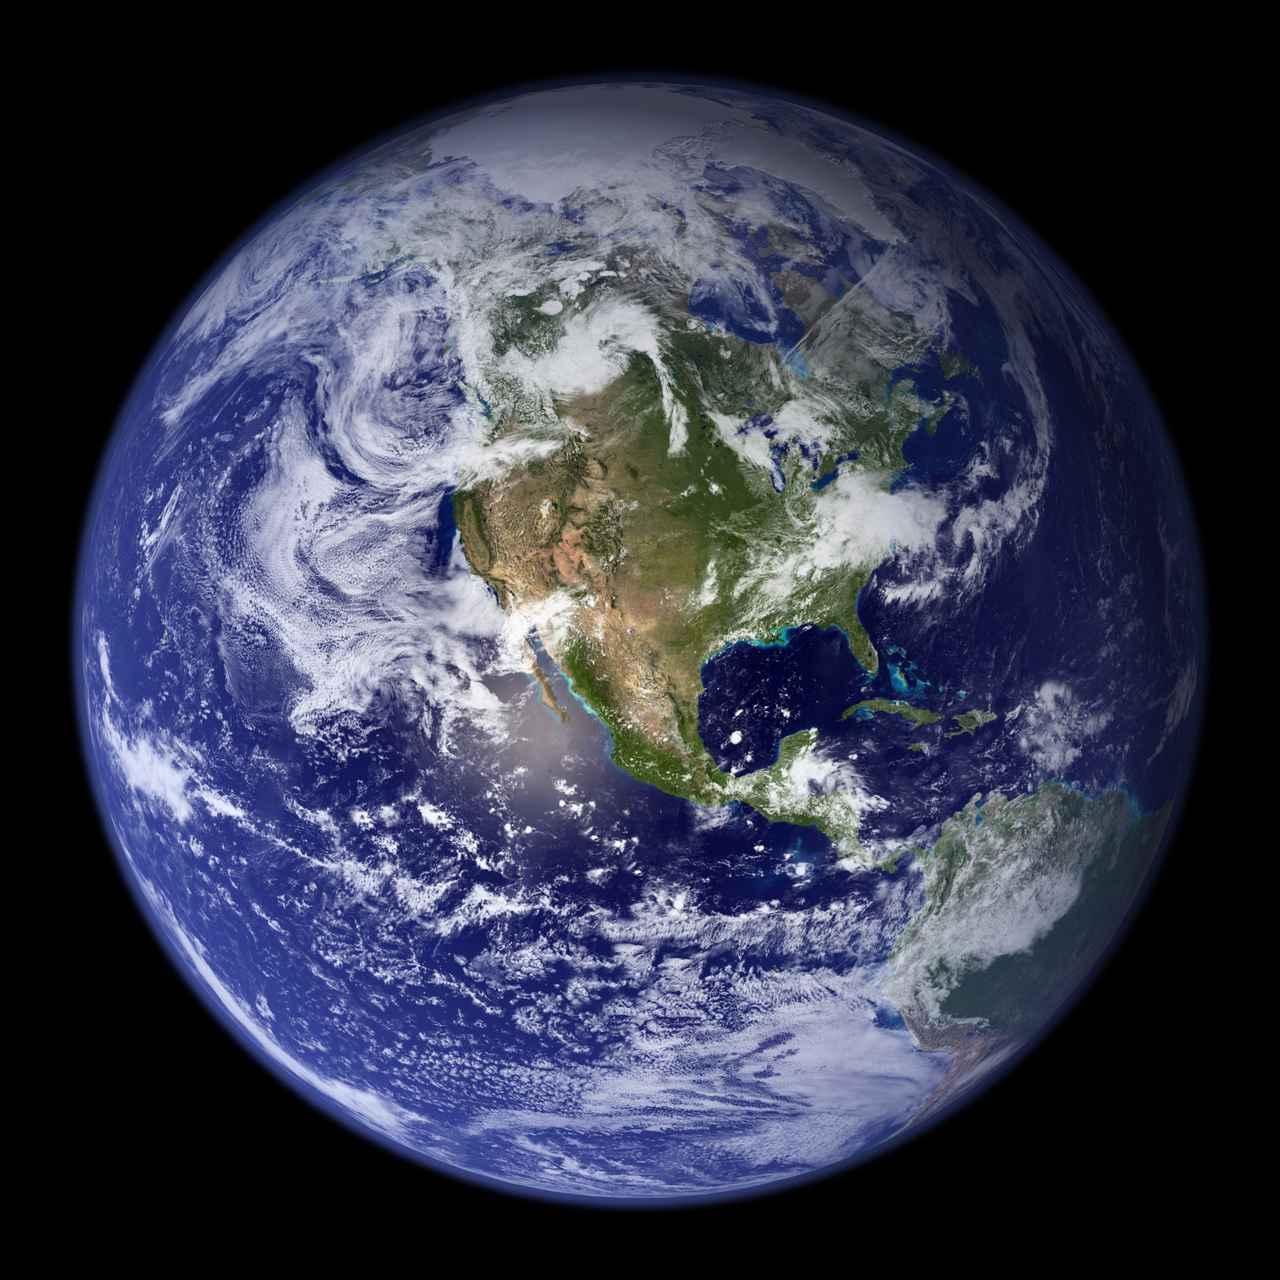 画像2: 使命は地球を守る事!